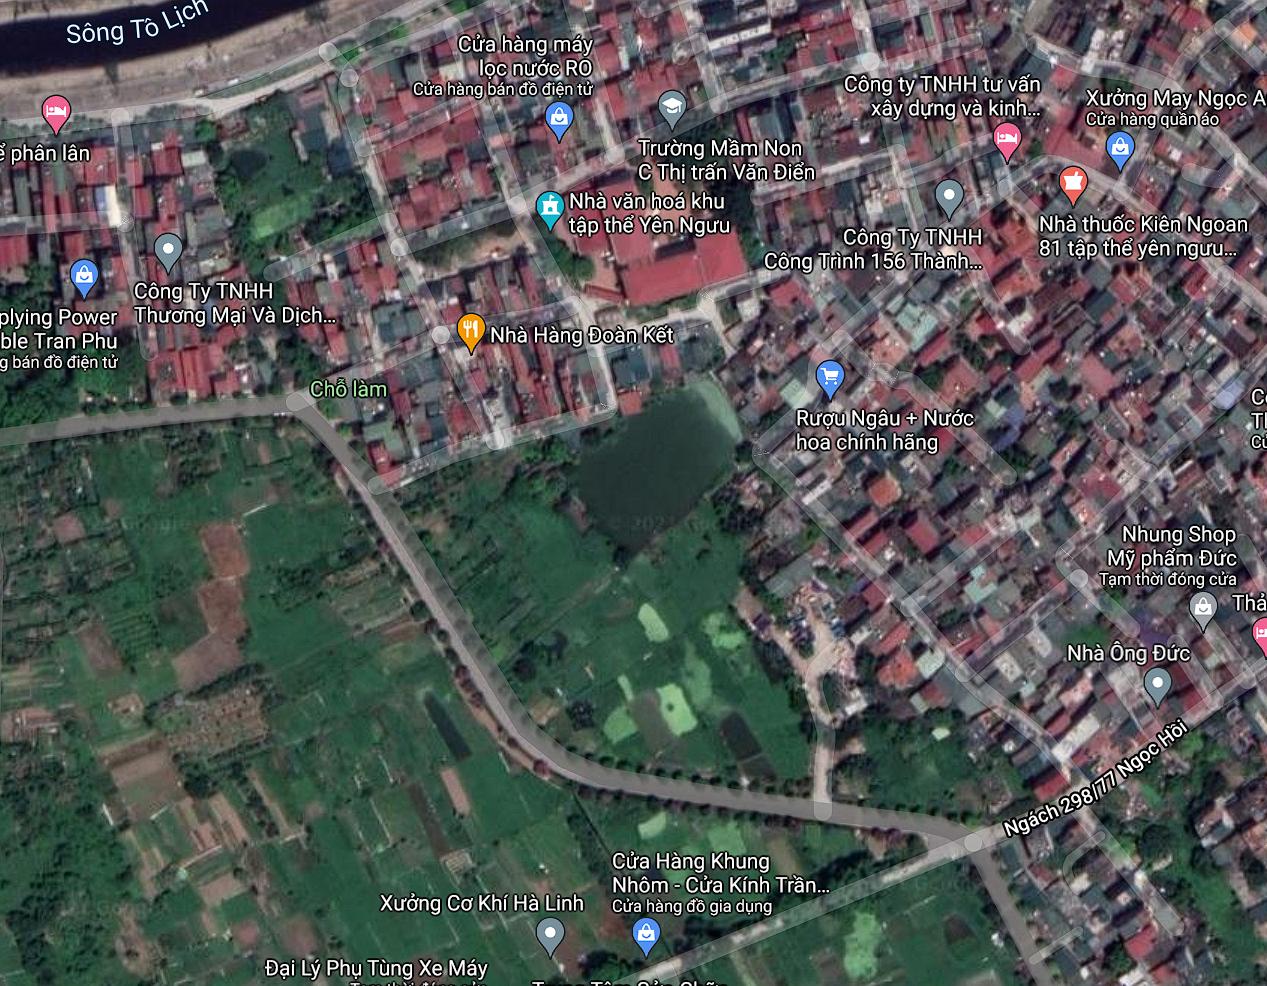 Đất dính quy hoạch ở xã Tam Hiệp, Thanh Trì, Hà Nội - Ảnh 2.